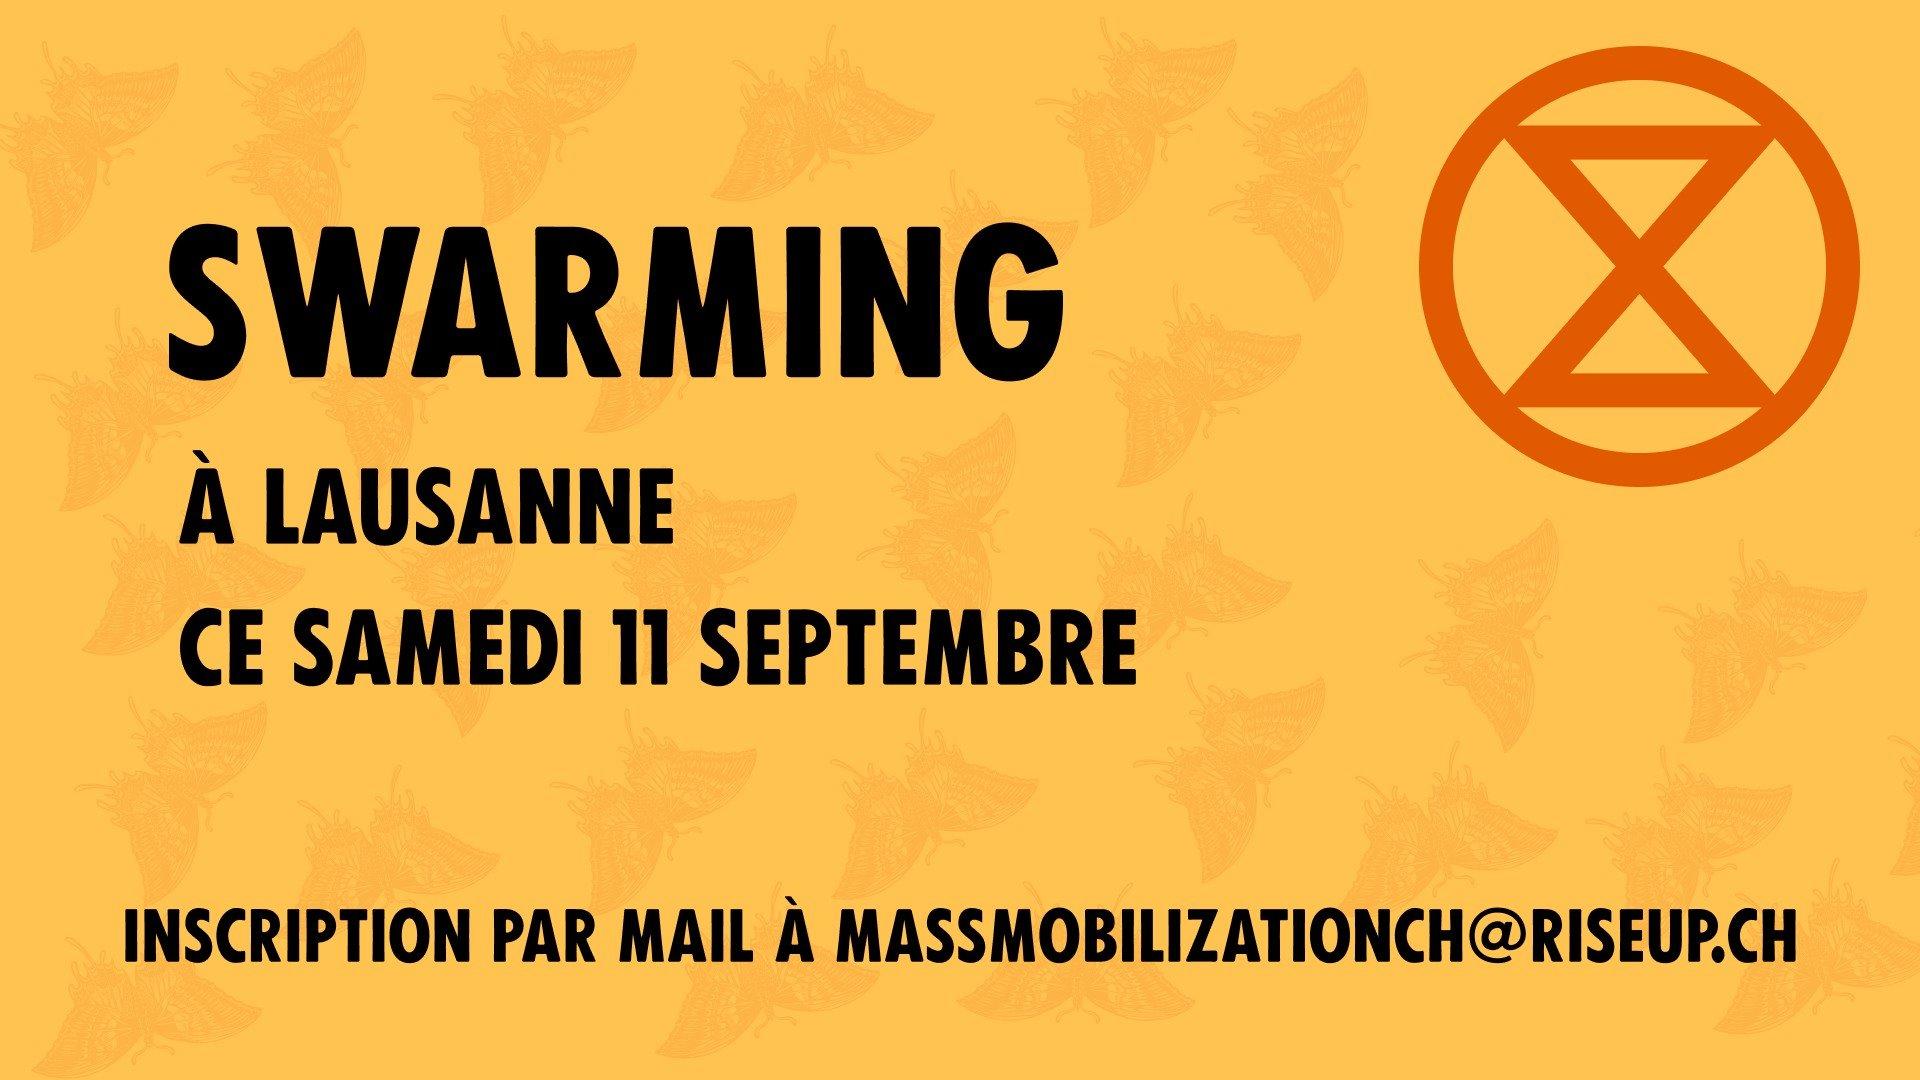 Action – swarming à Lausanne